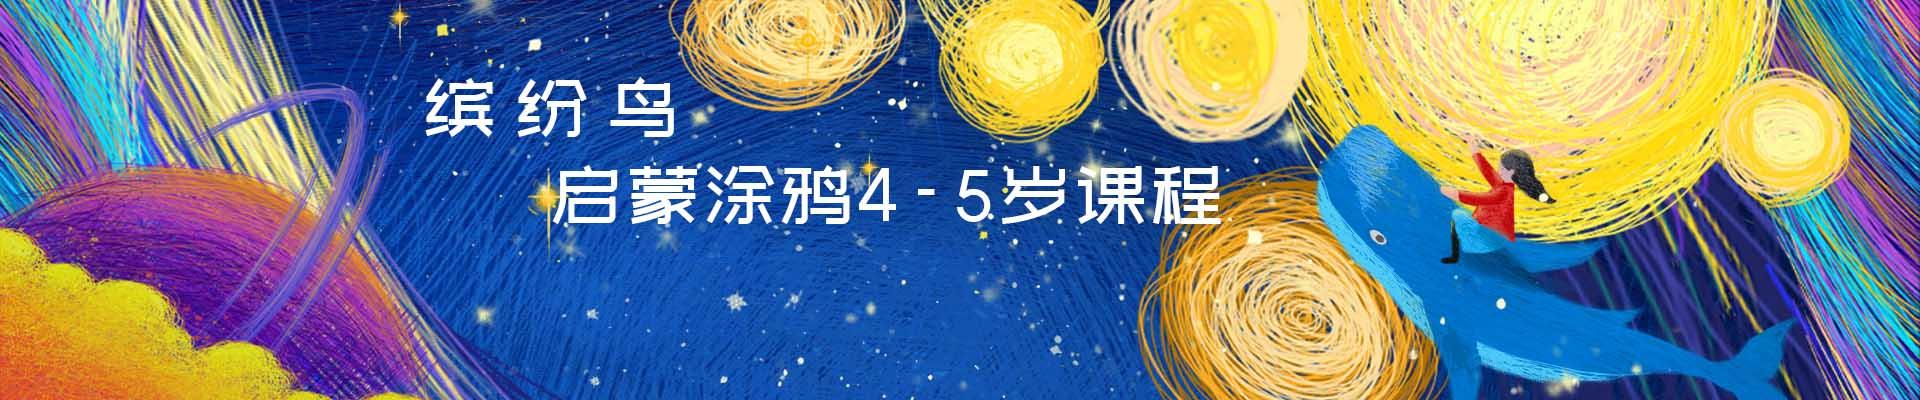 西安幼儿美术启蒙涂鸦